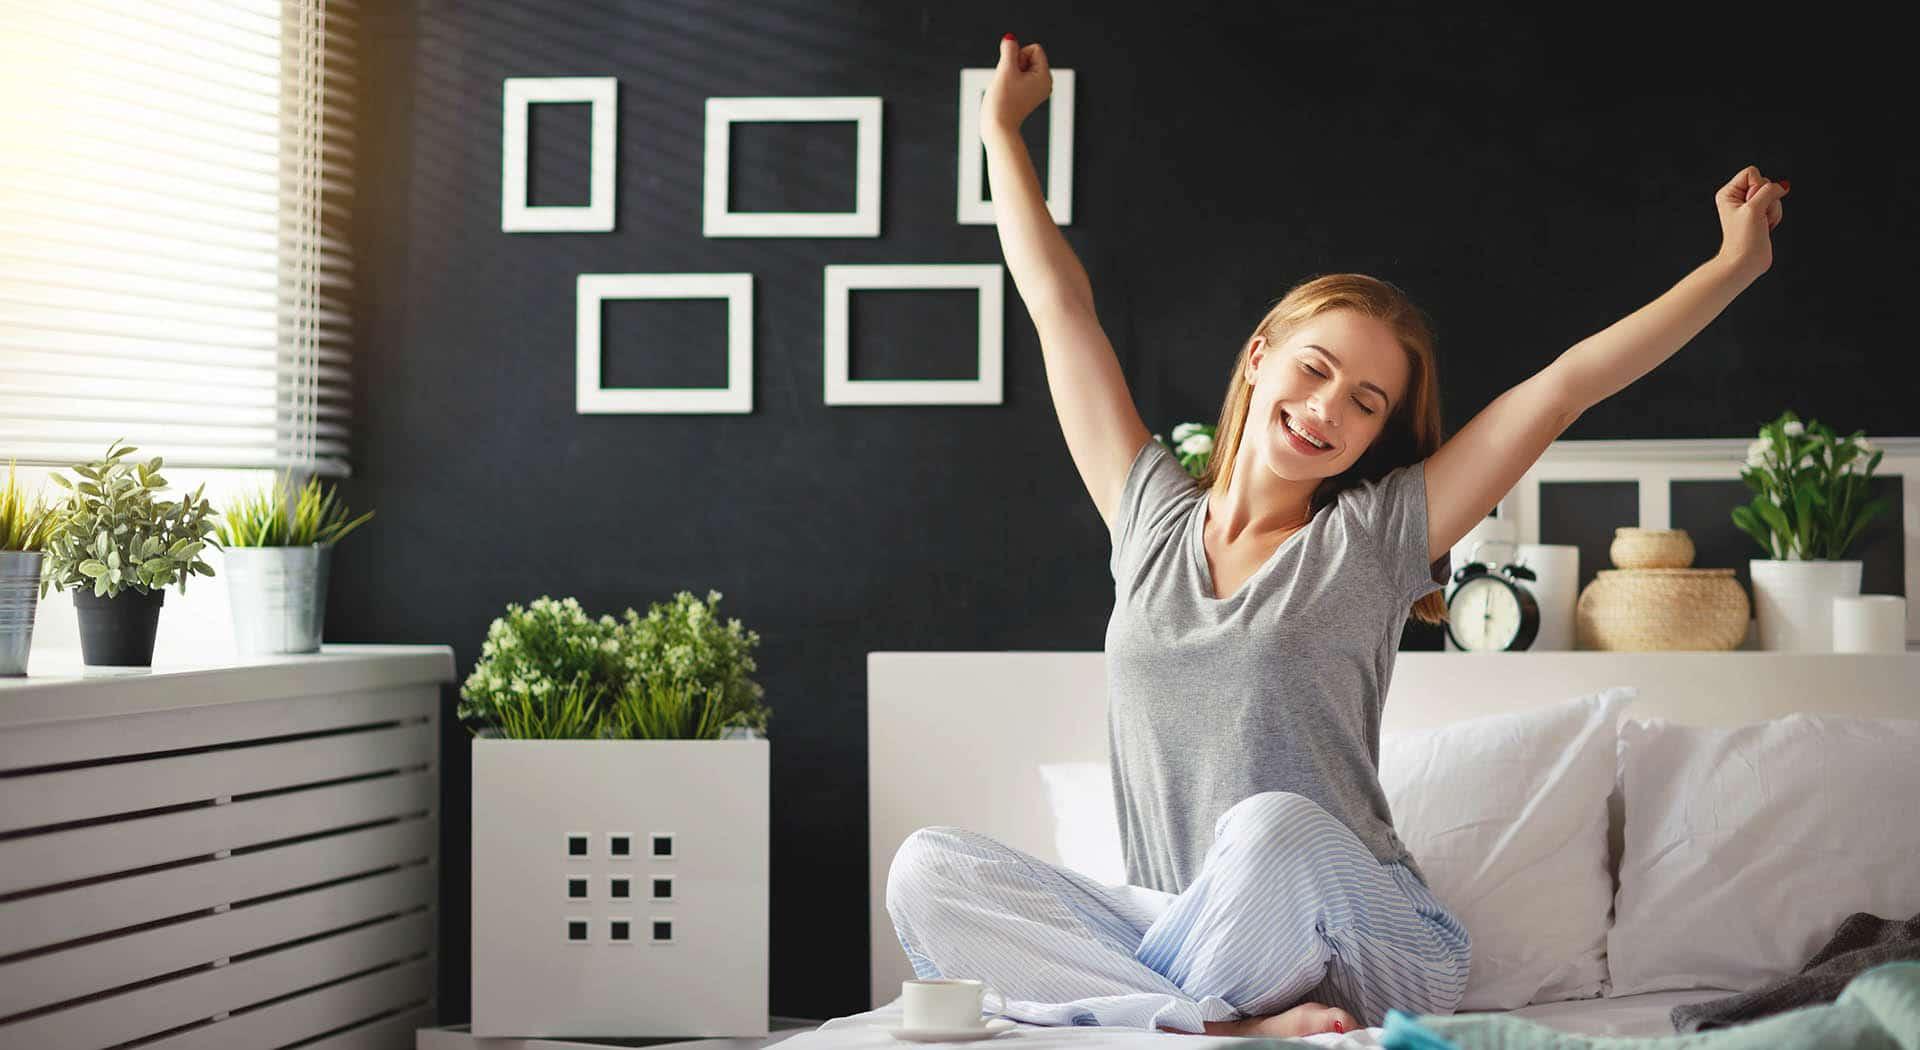 Frau schläft besser und wacht glücklich auf